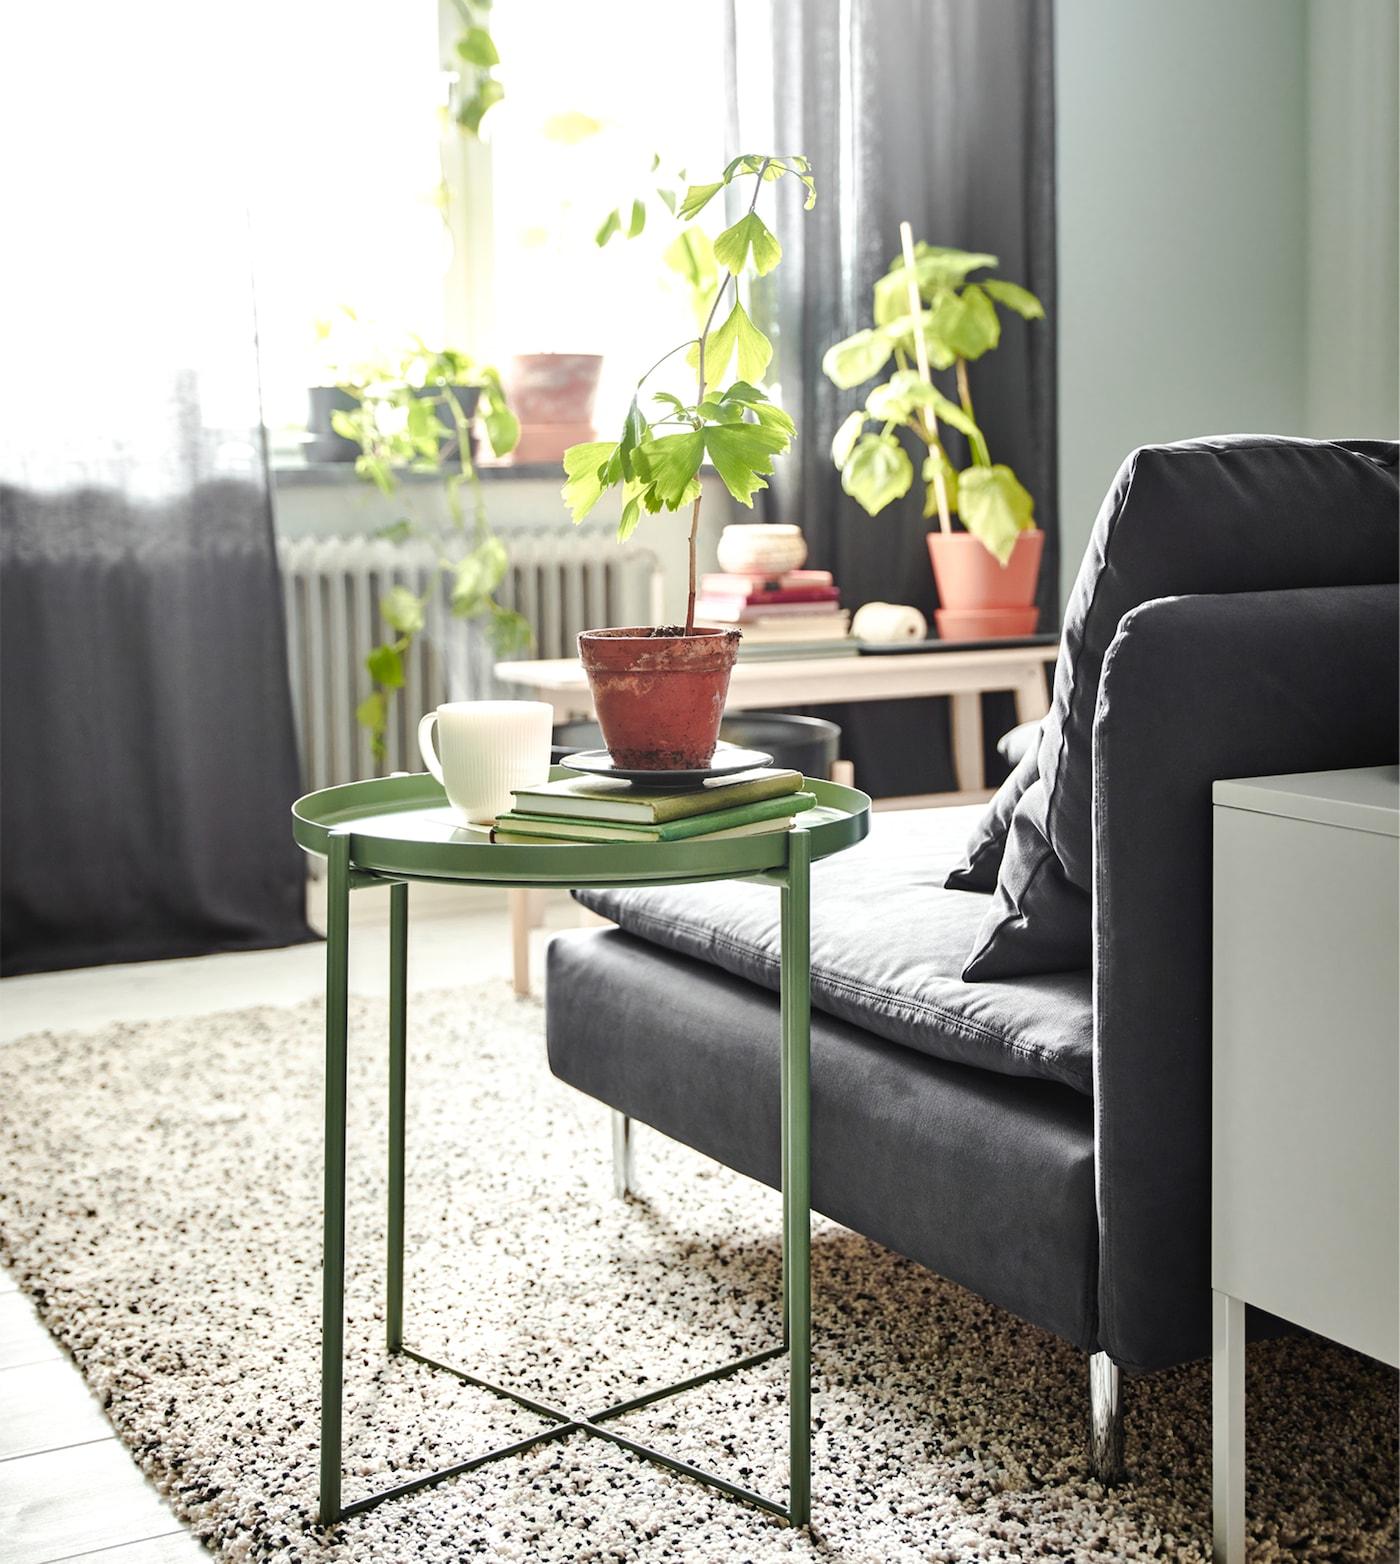 Ikea paljastaa pahimman mokansa - se oli ilmalla täytettävä sohva